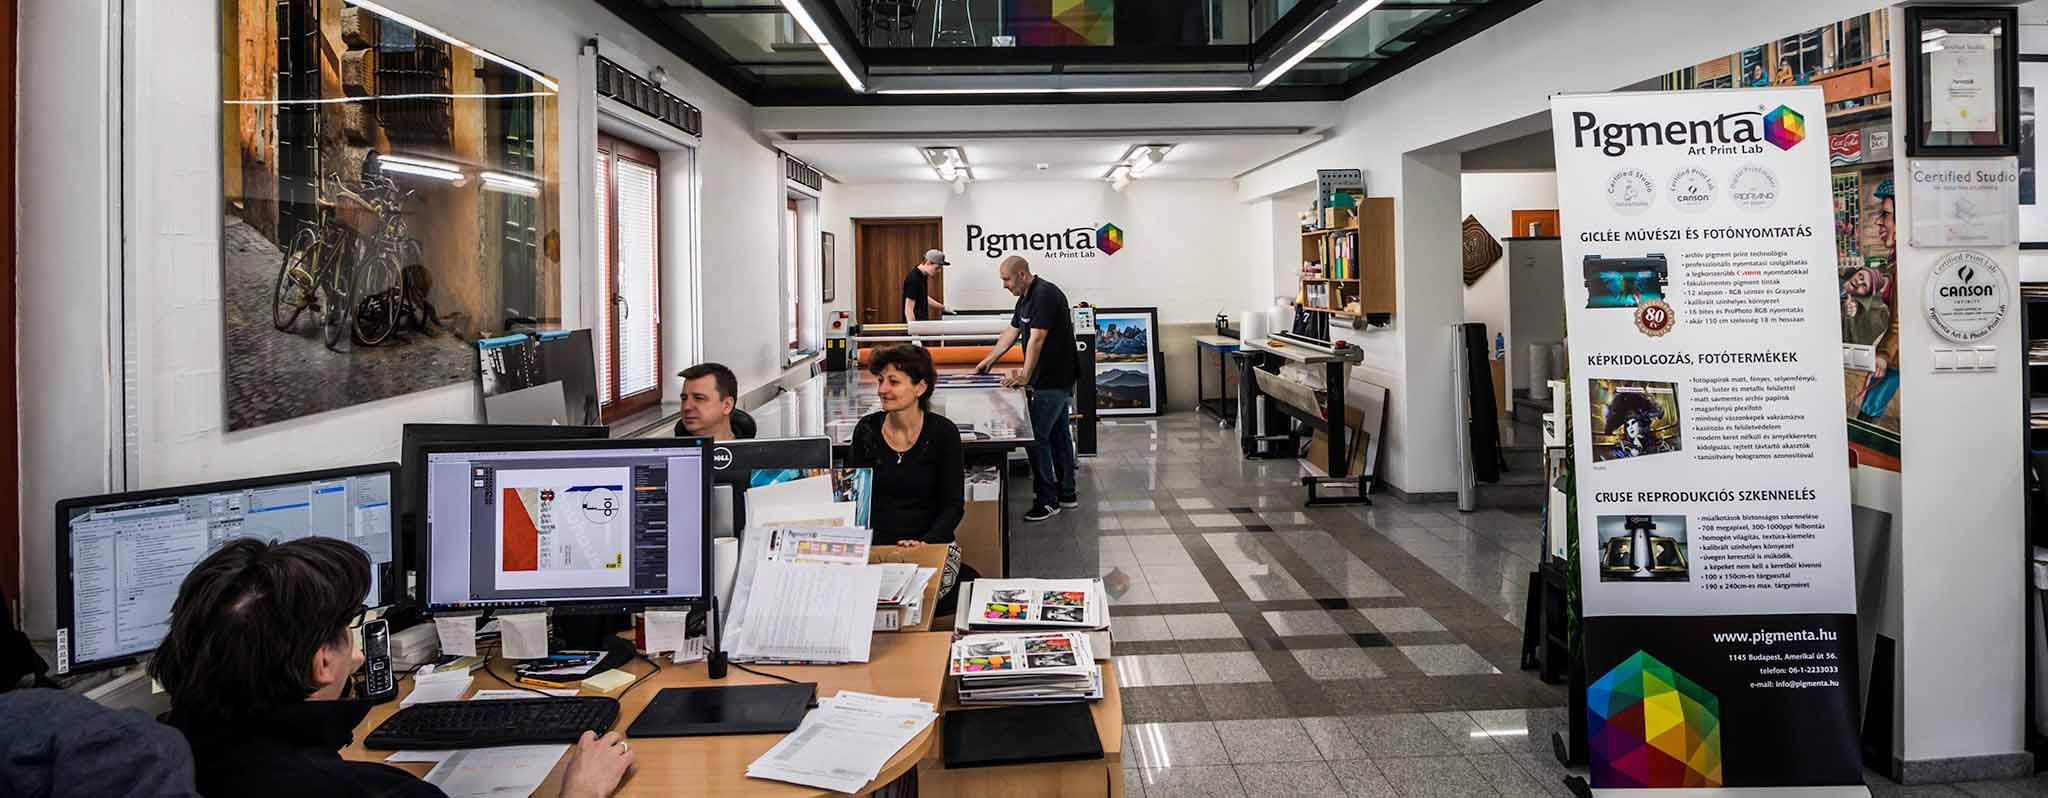 Giclée nyomtatás | fotónyomtatás | művészi nyomtatás a Pigmenta Stúdióban